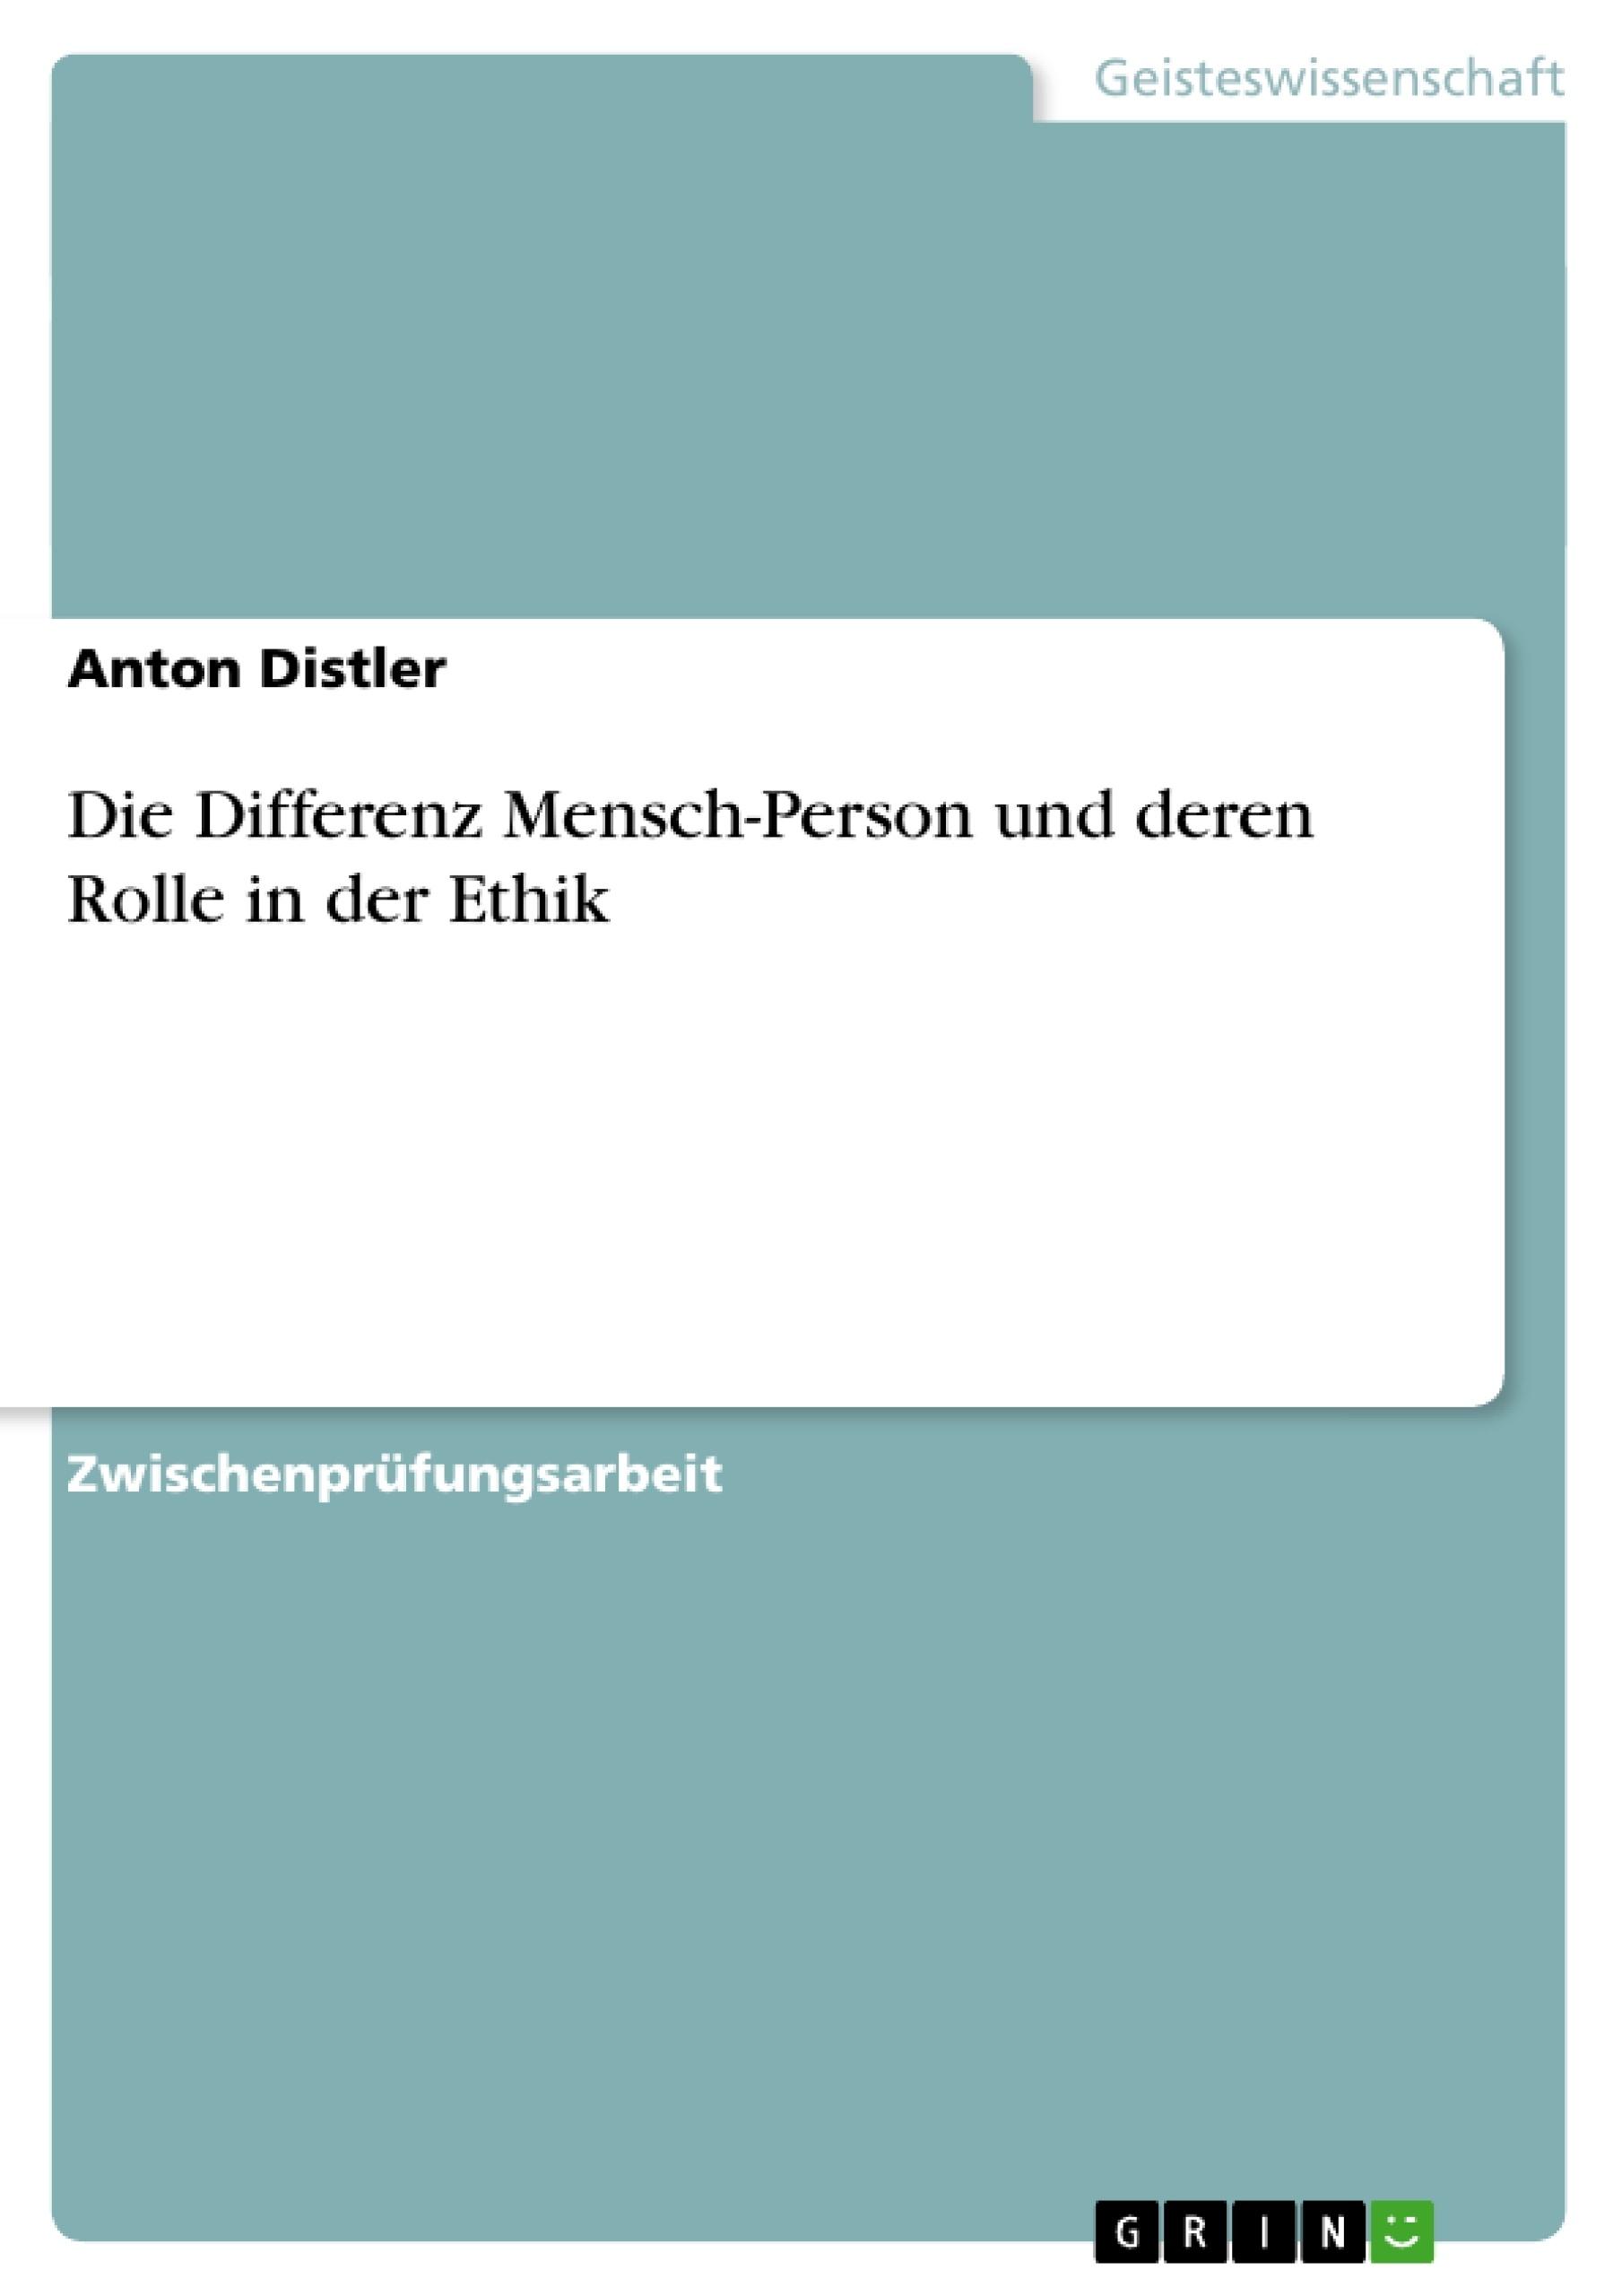 Titel: Die Differenz Mensch-Person und deren Rolle in der Ethik